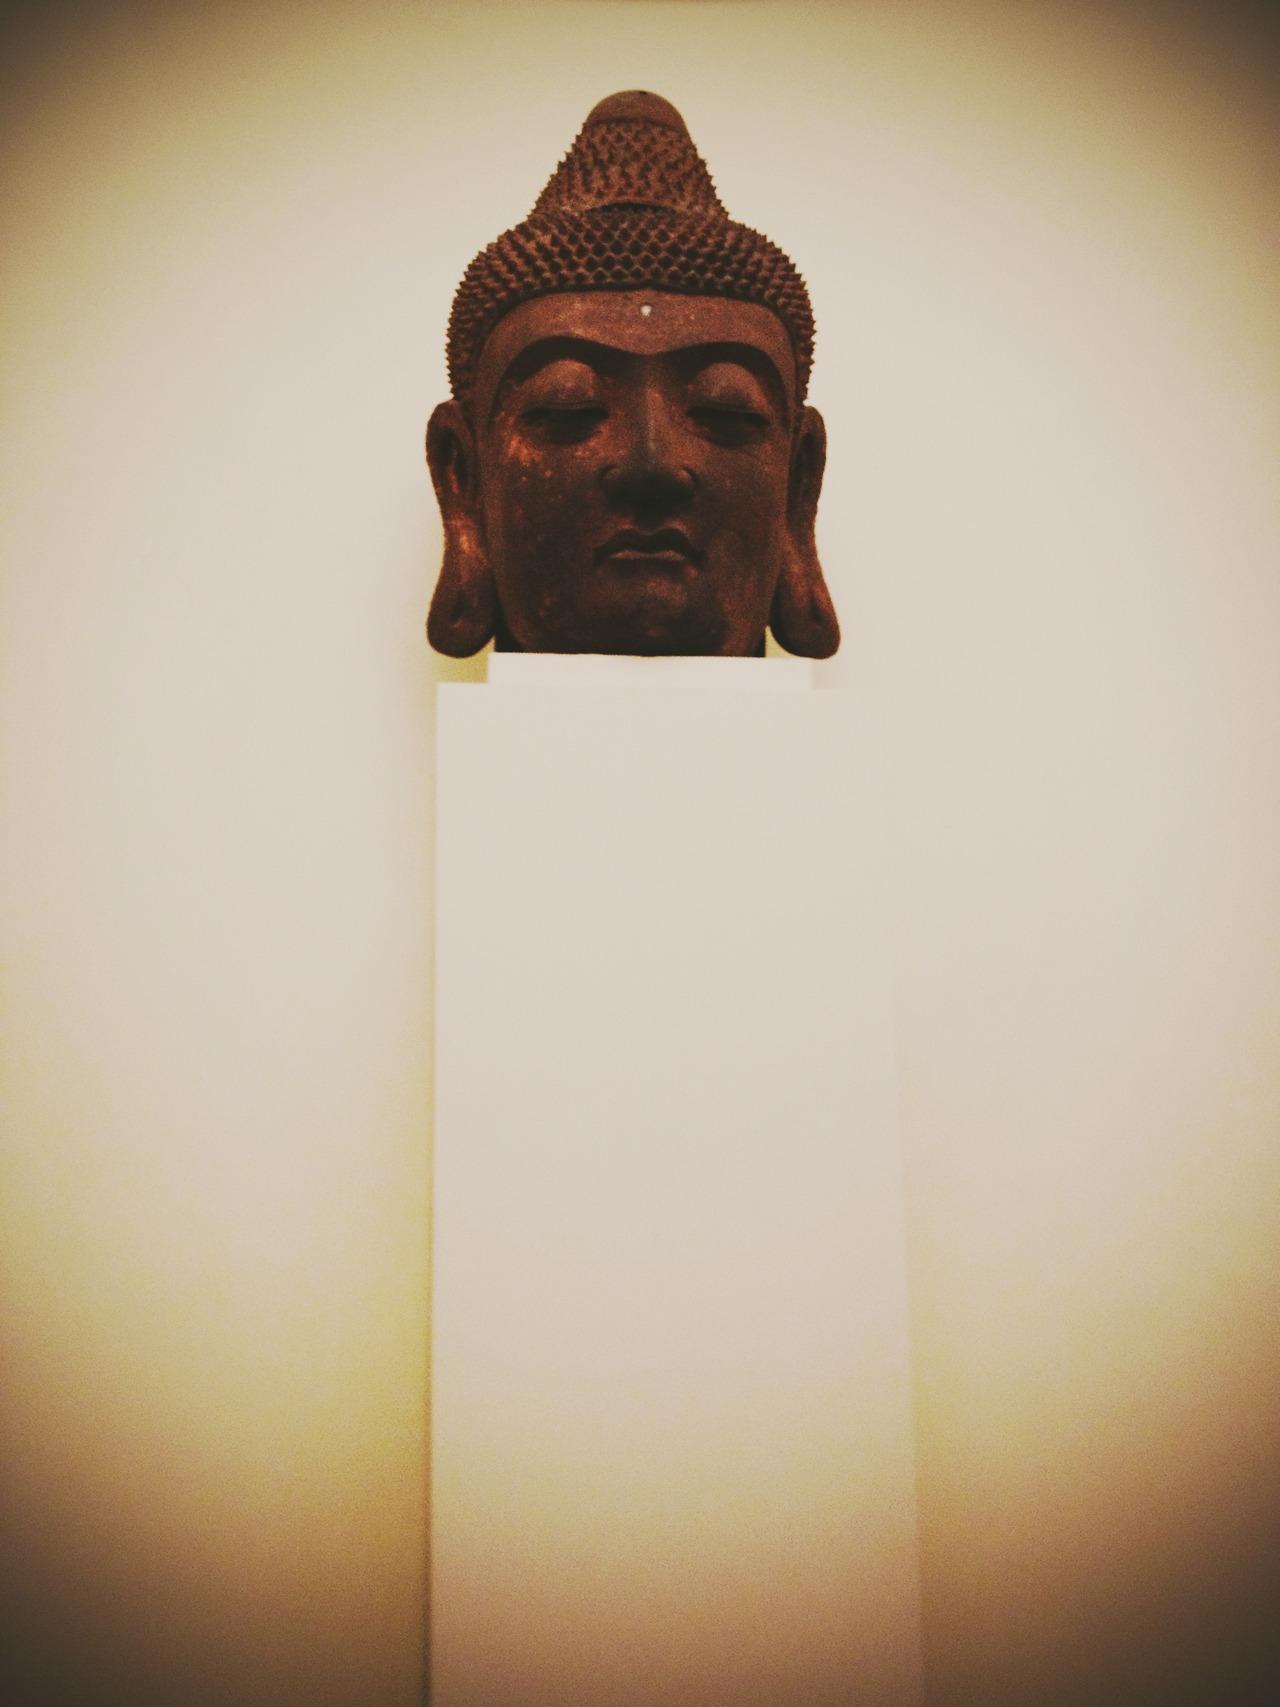 Buddha Head on Stand - #peppersearching #pepper #photos #buddha #art #Sculpture #met